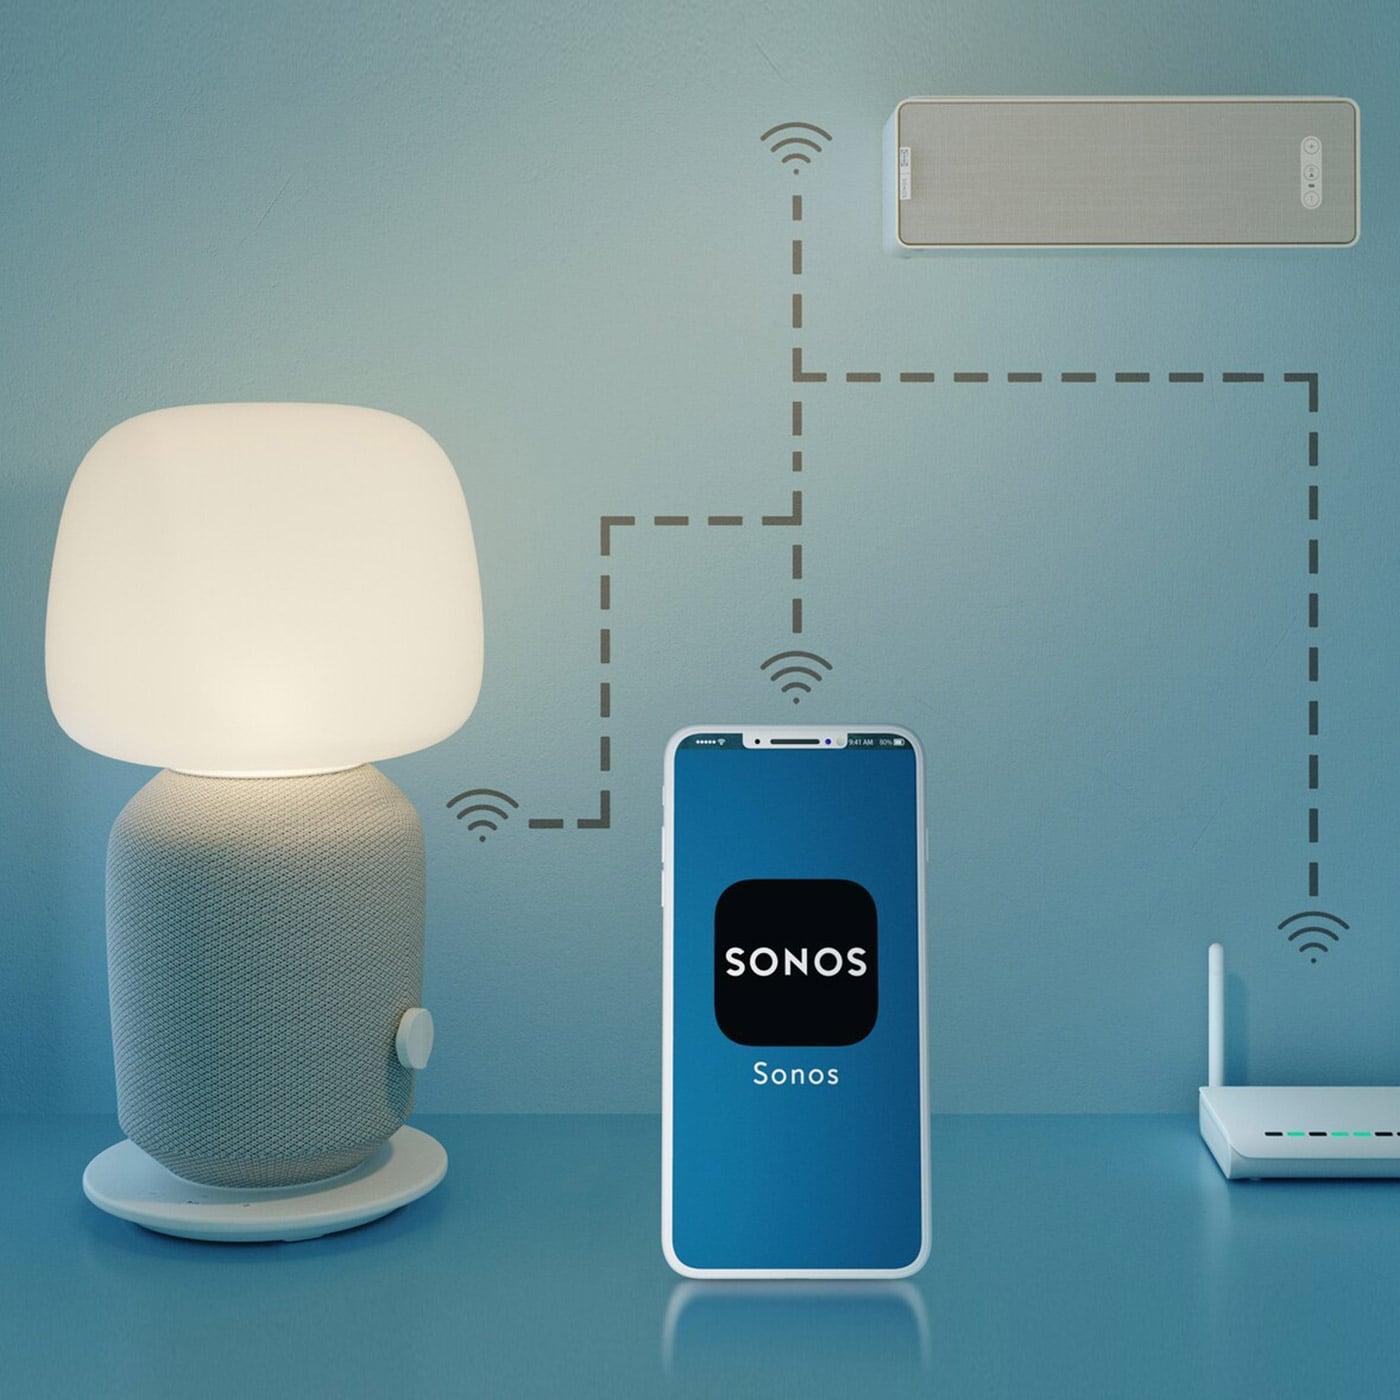 Oversigt over den trådløse forbindelse mellem Sonos-appen og SYMFONISK bordlampe med wi-fi-højttaler og SYMFONISK wi-fi-højttaler.